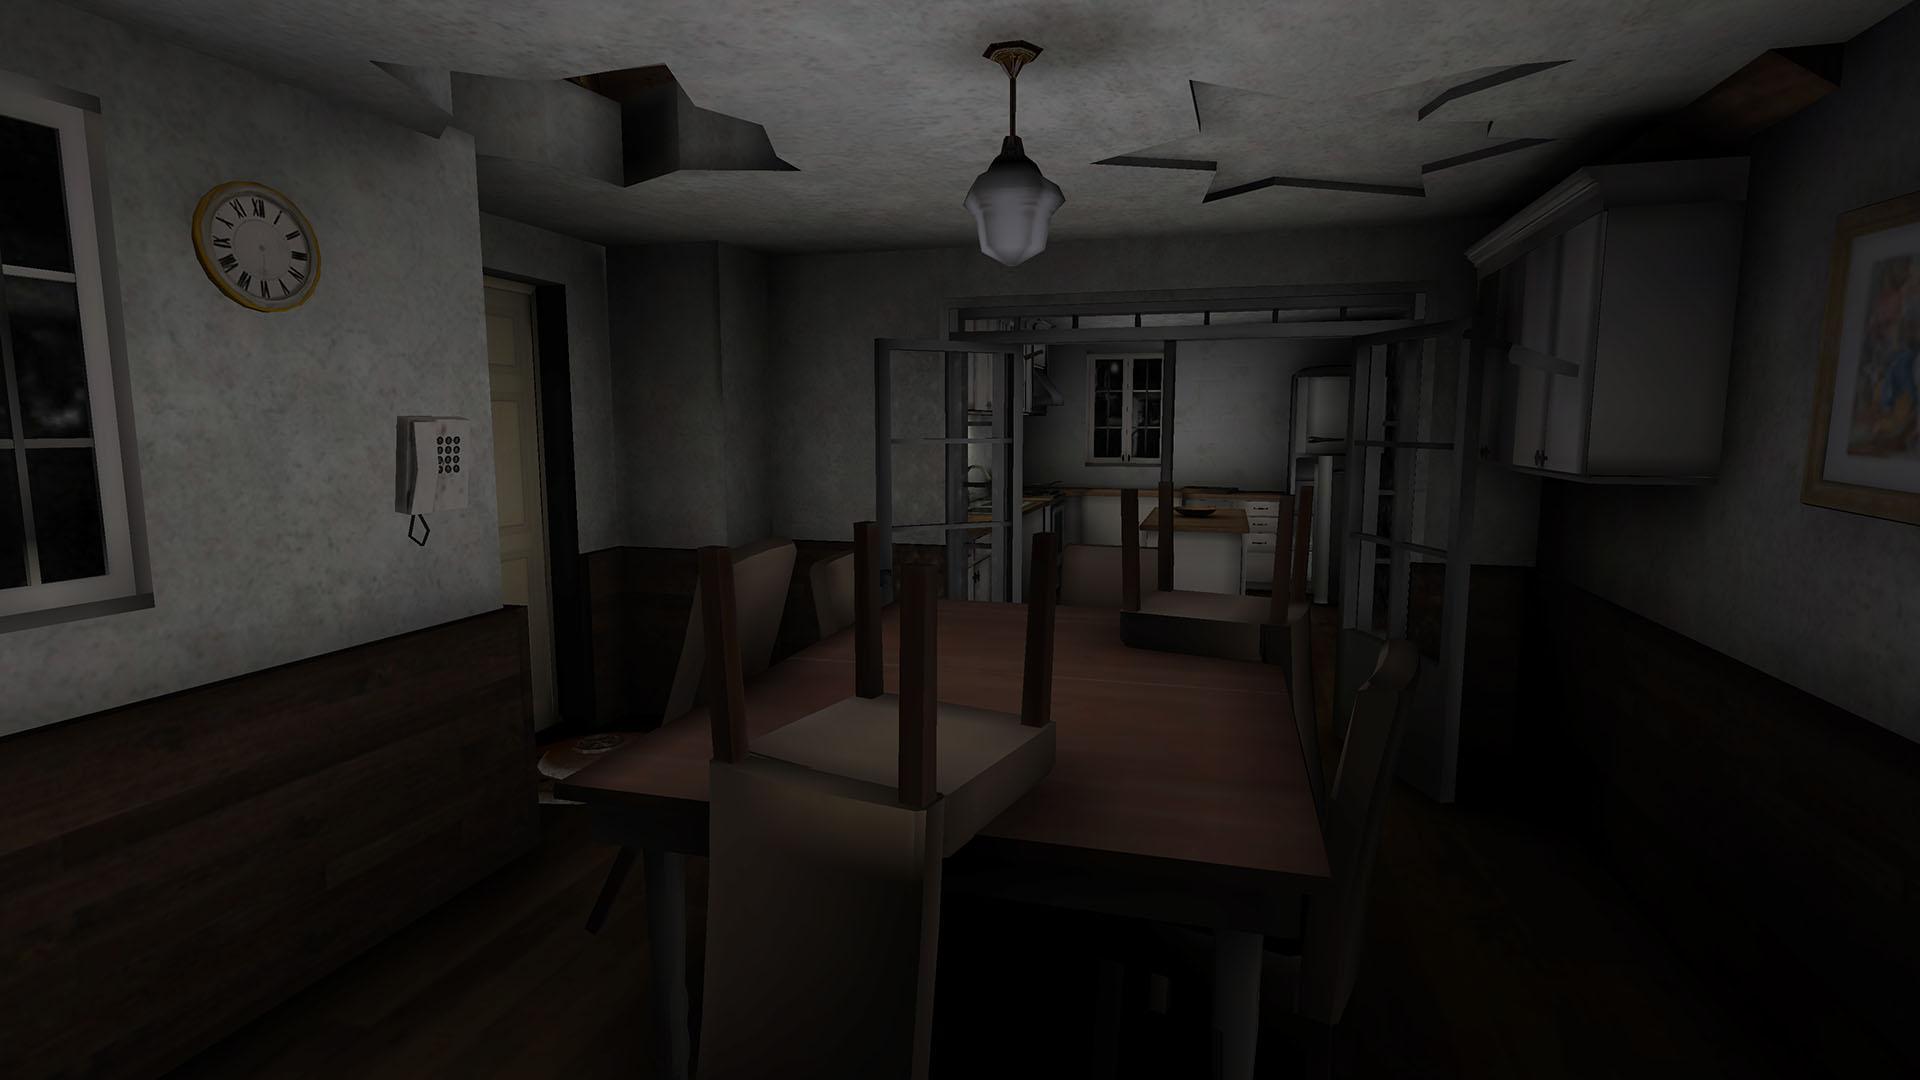 Dark Internet: ¡Juego de terror y supervivencia! 1.1.0 Screenshot 10